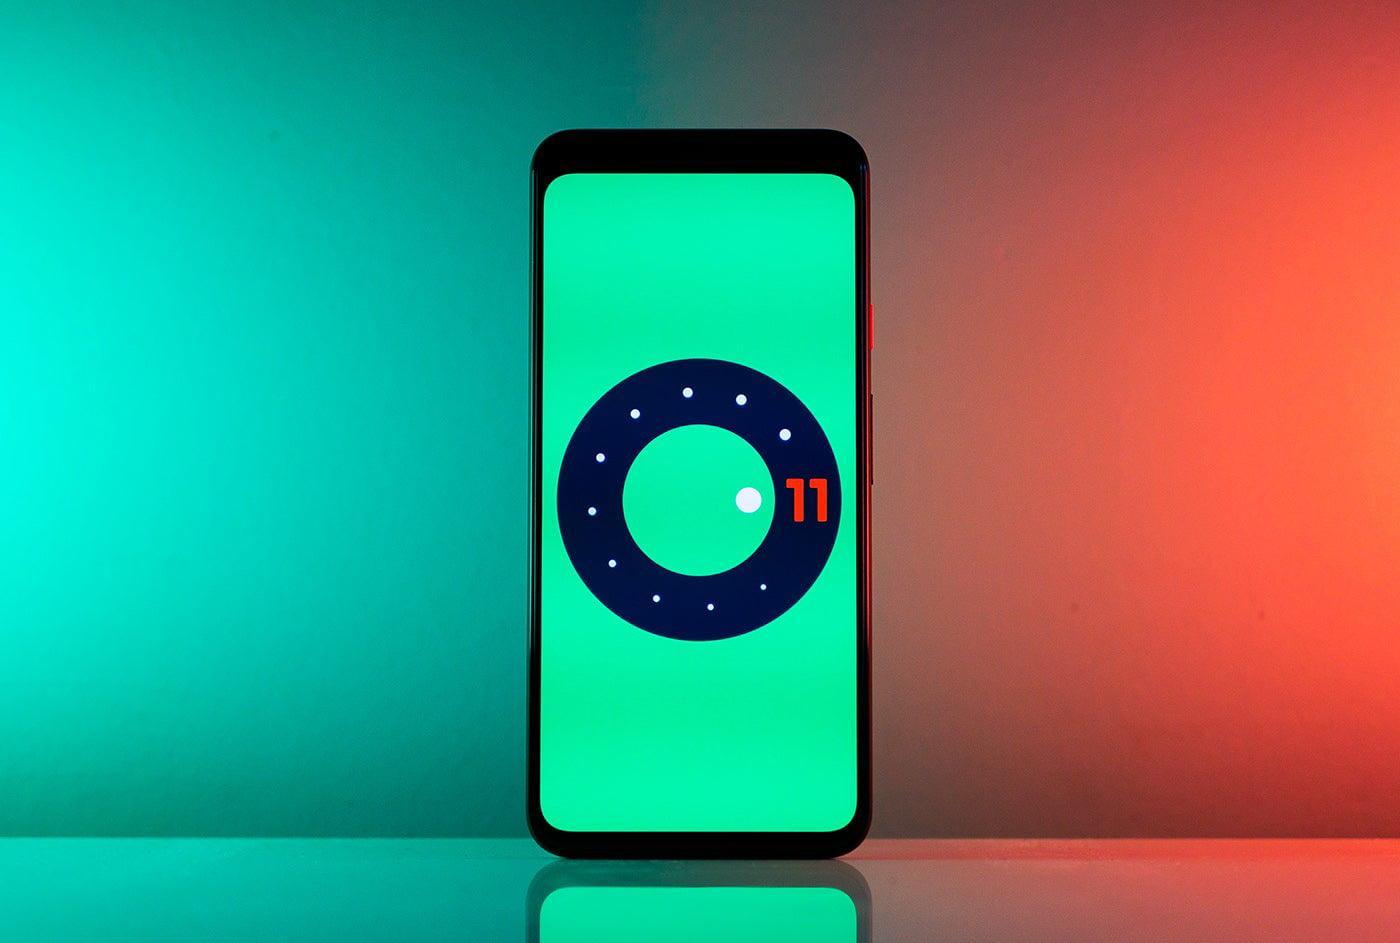 Обзор основных интересных моментов Android 11